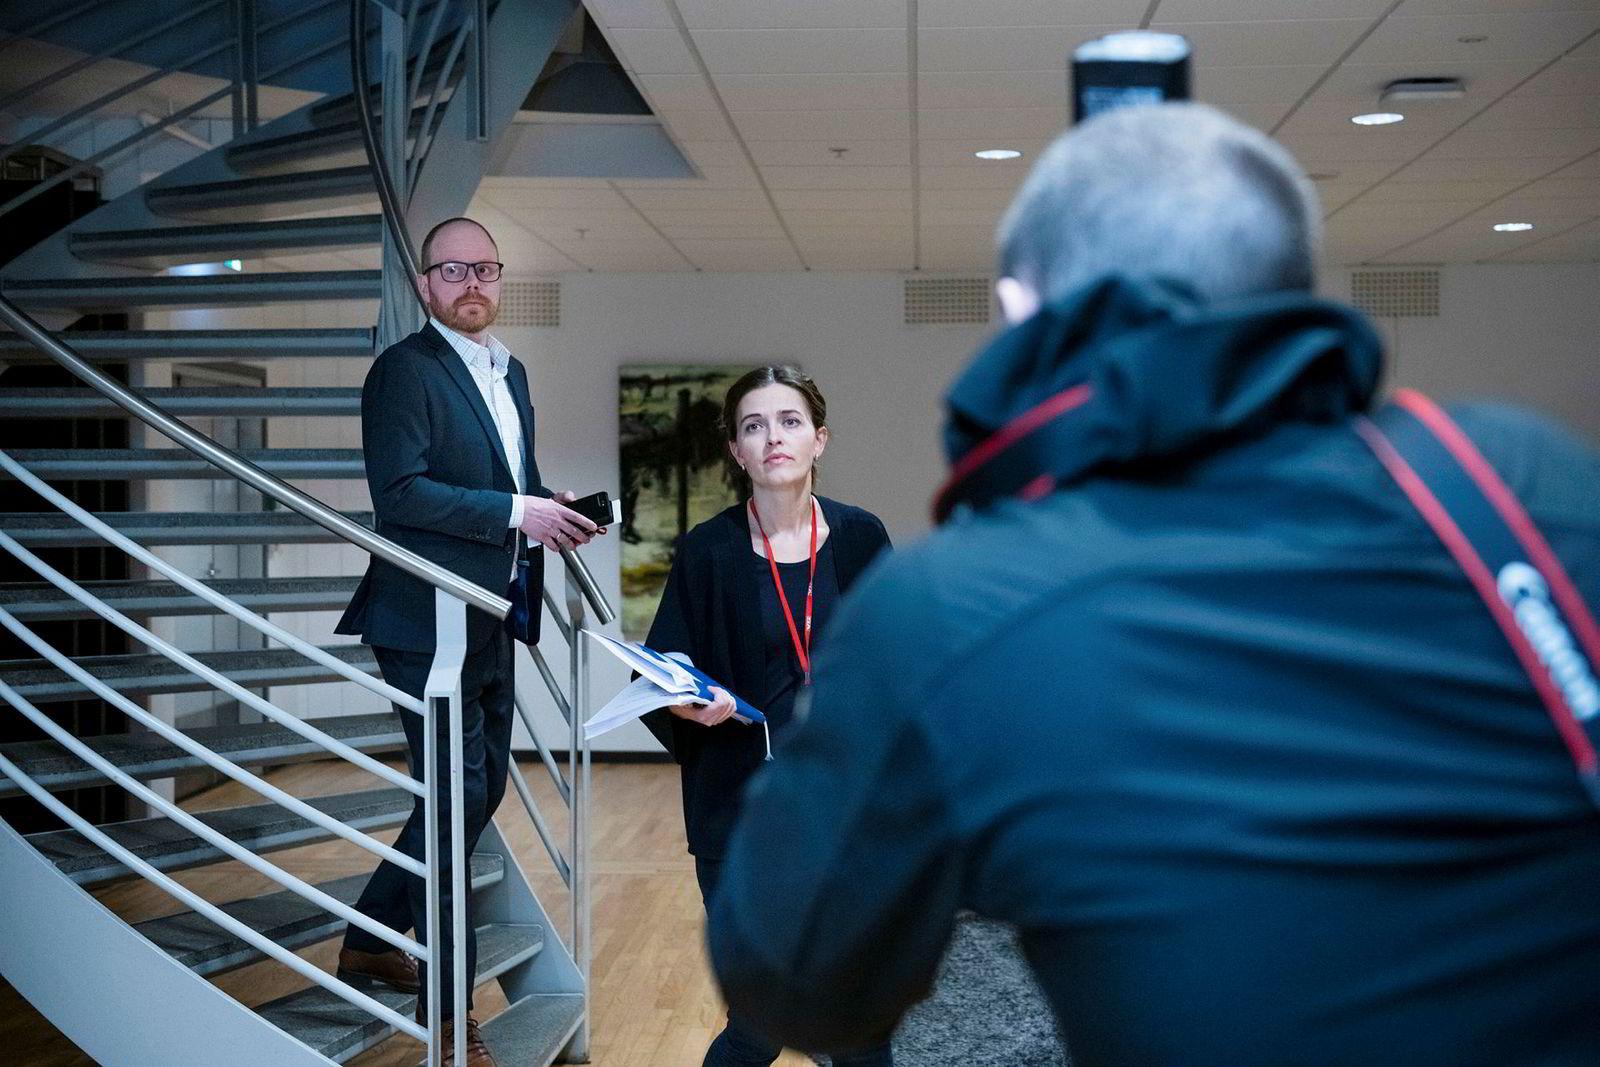 VGs nyhetsredaktør Tora Bakke Håndlykken før VGs pressekonferanse onsdag. VG-redaktør Gard Steiro følger tett bak.